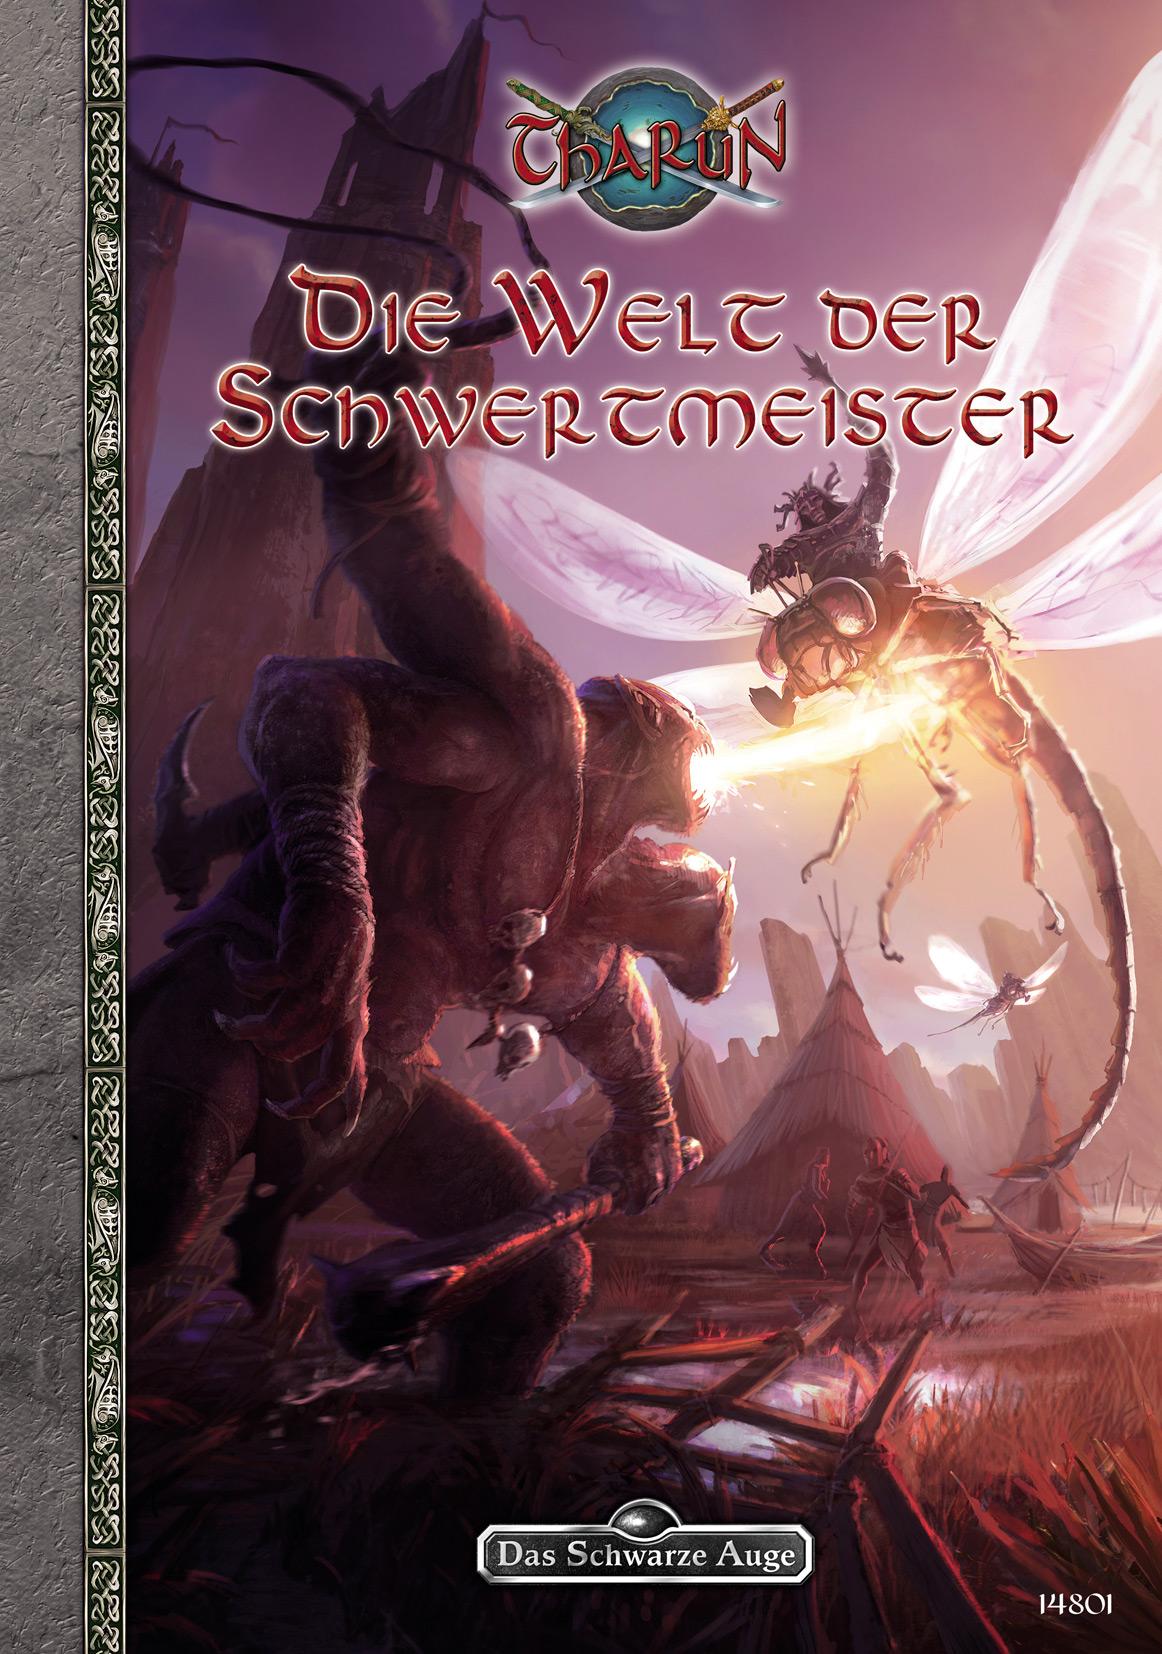 Die-Welt-der-Schwertmeister_low